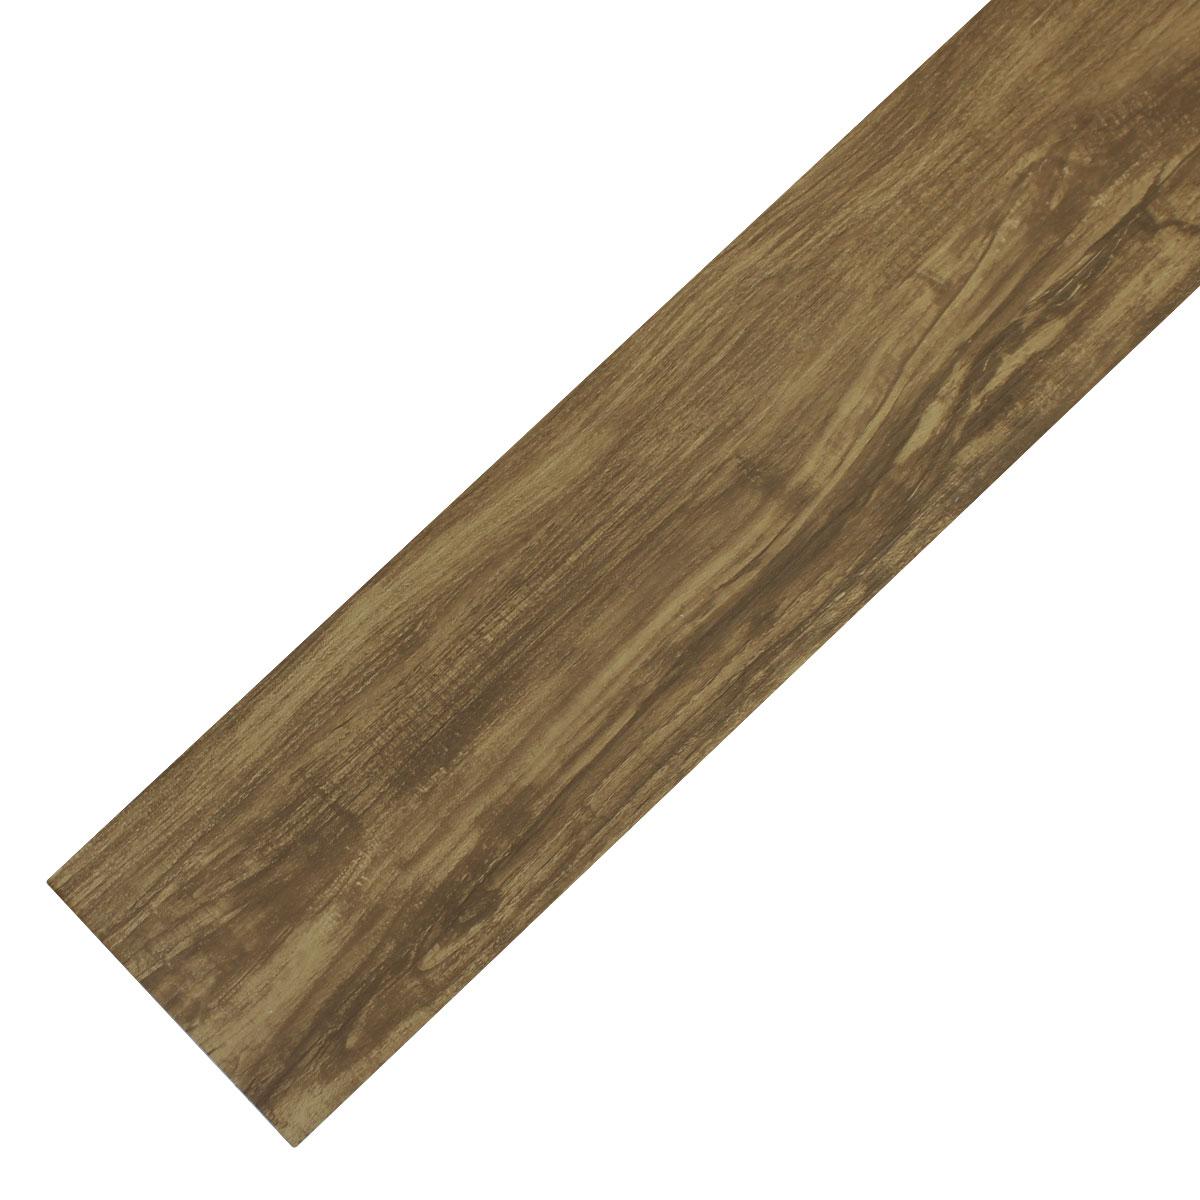 adhesive vinyl floor planks wood floors. Black Bedroom Furniture Sets. Home Design Ideas